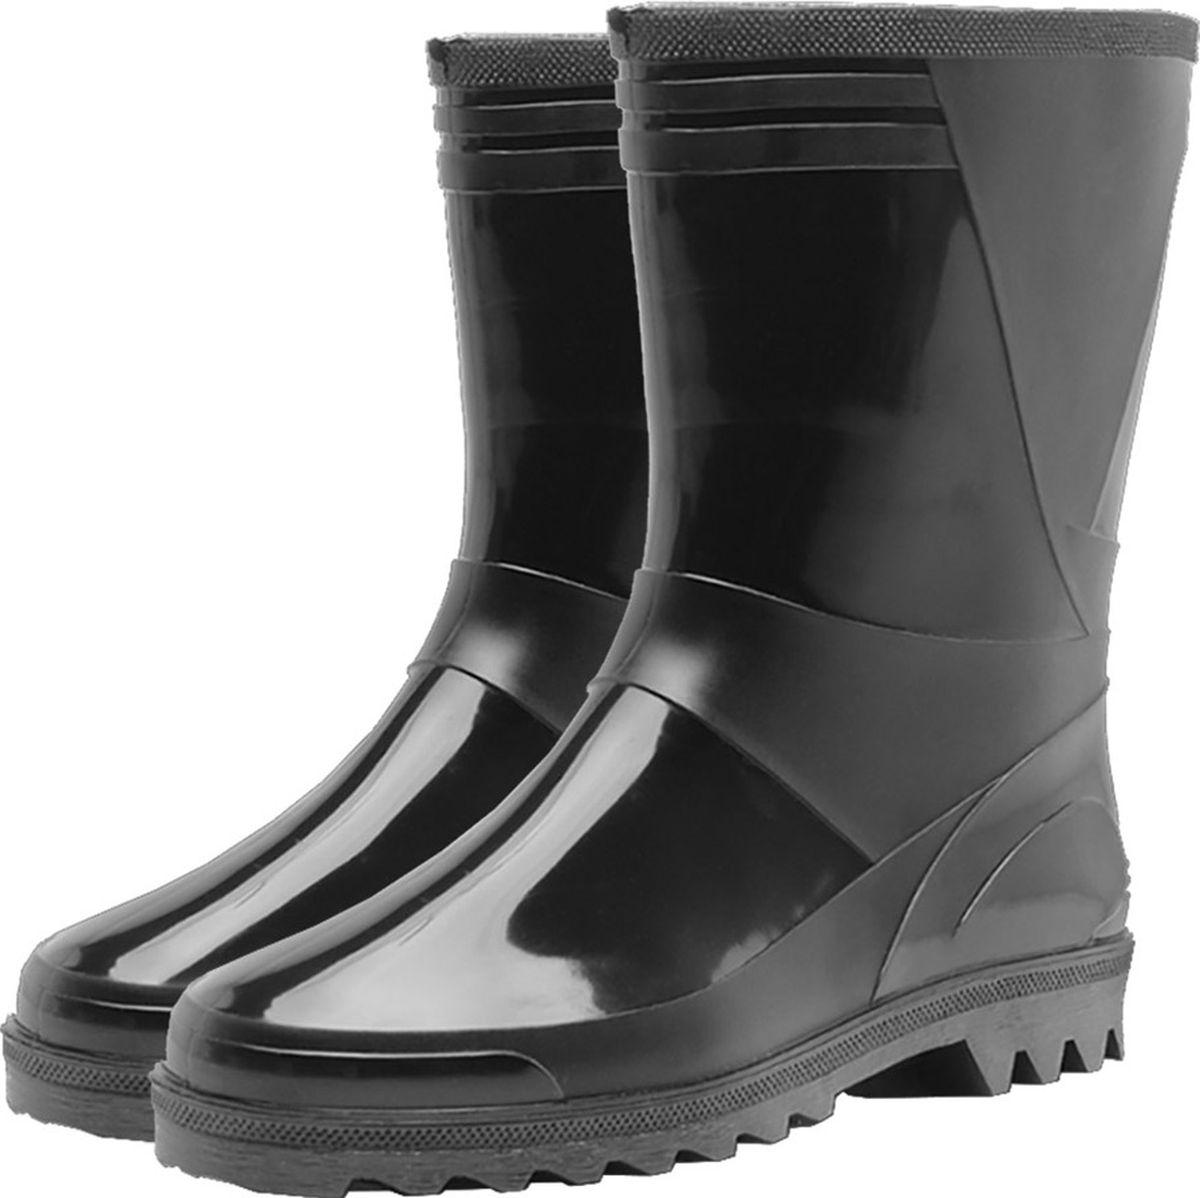 Сапоги мужские Дюна, цвет: черный. 140-901-44. Размер 44